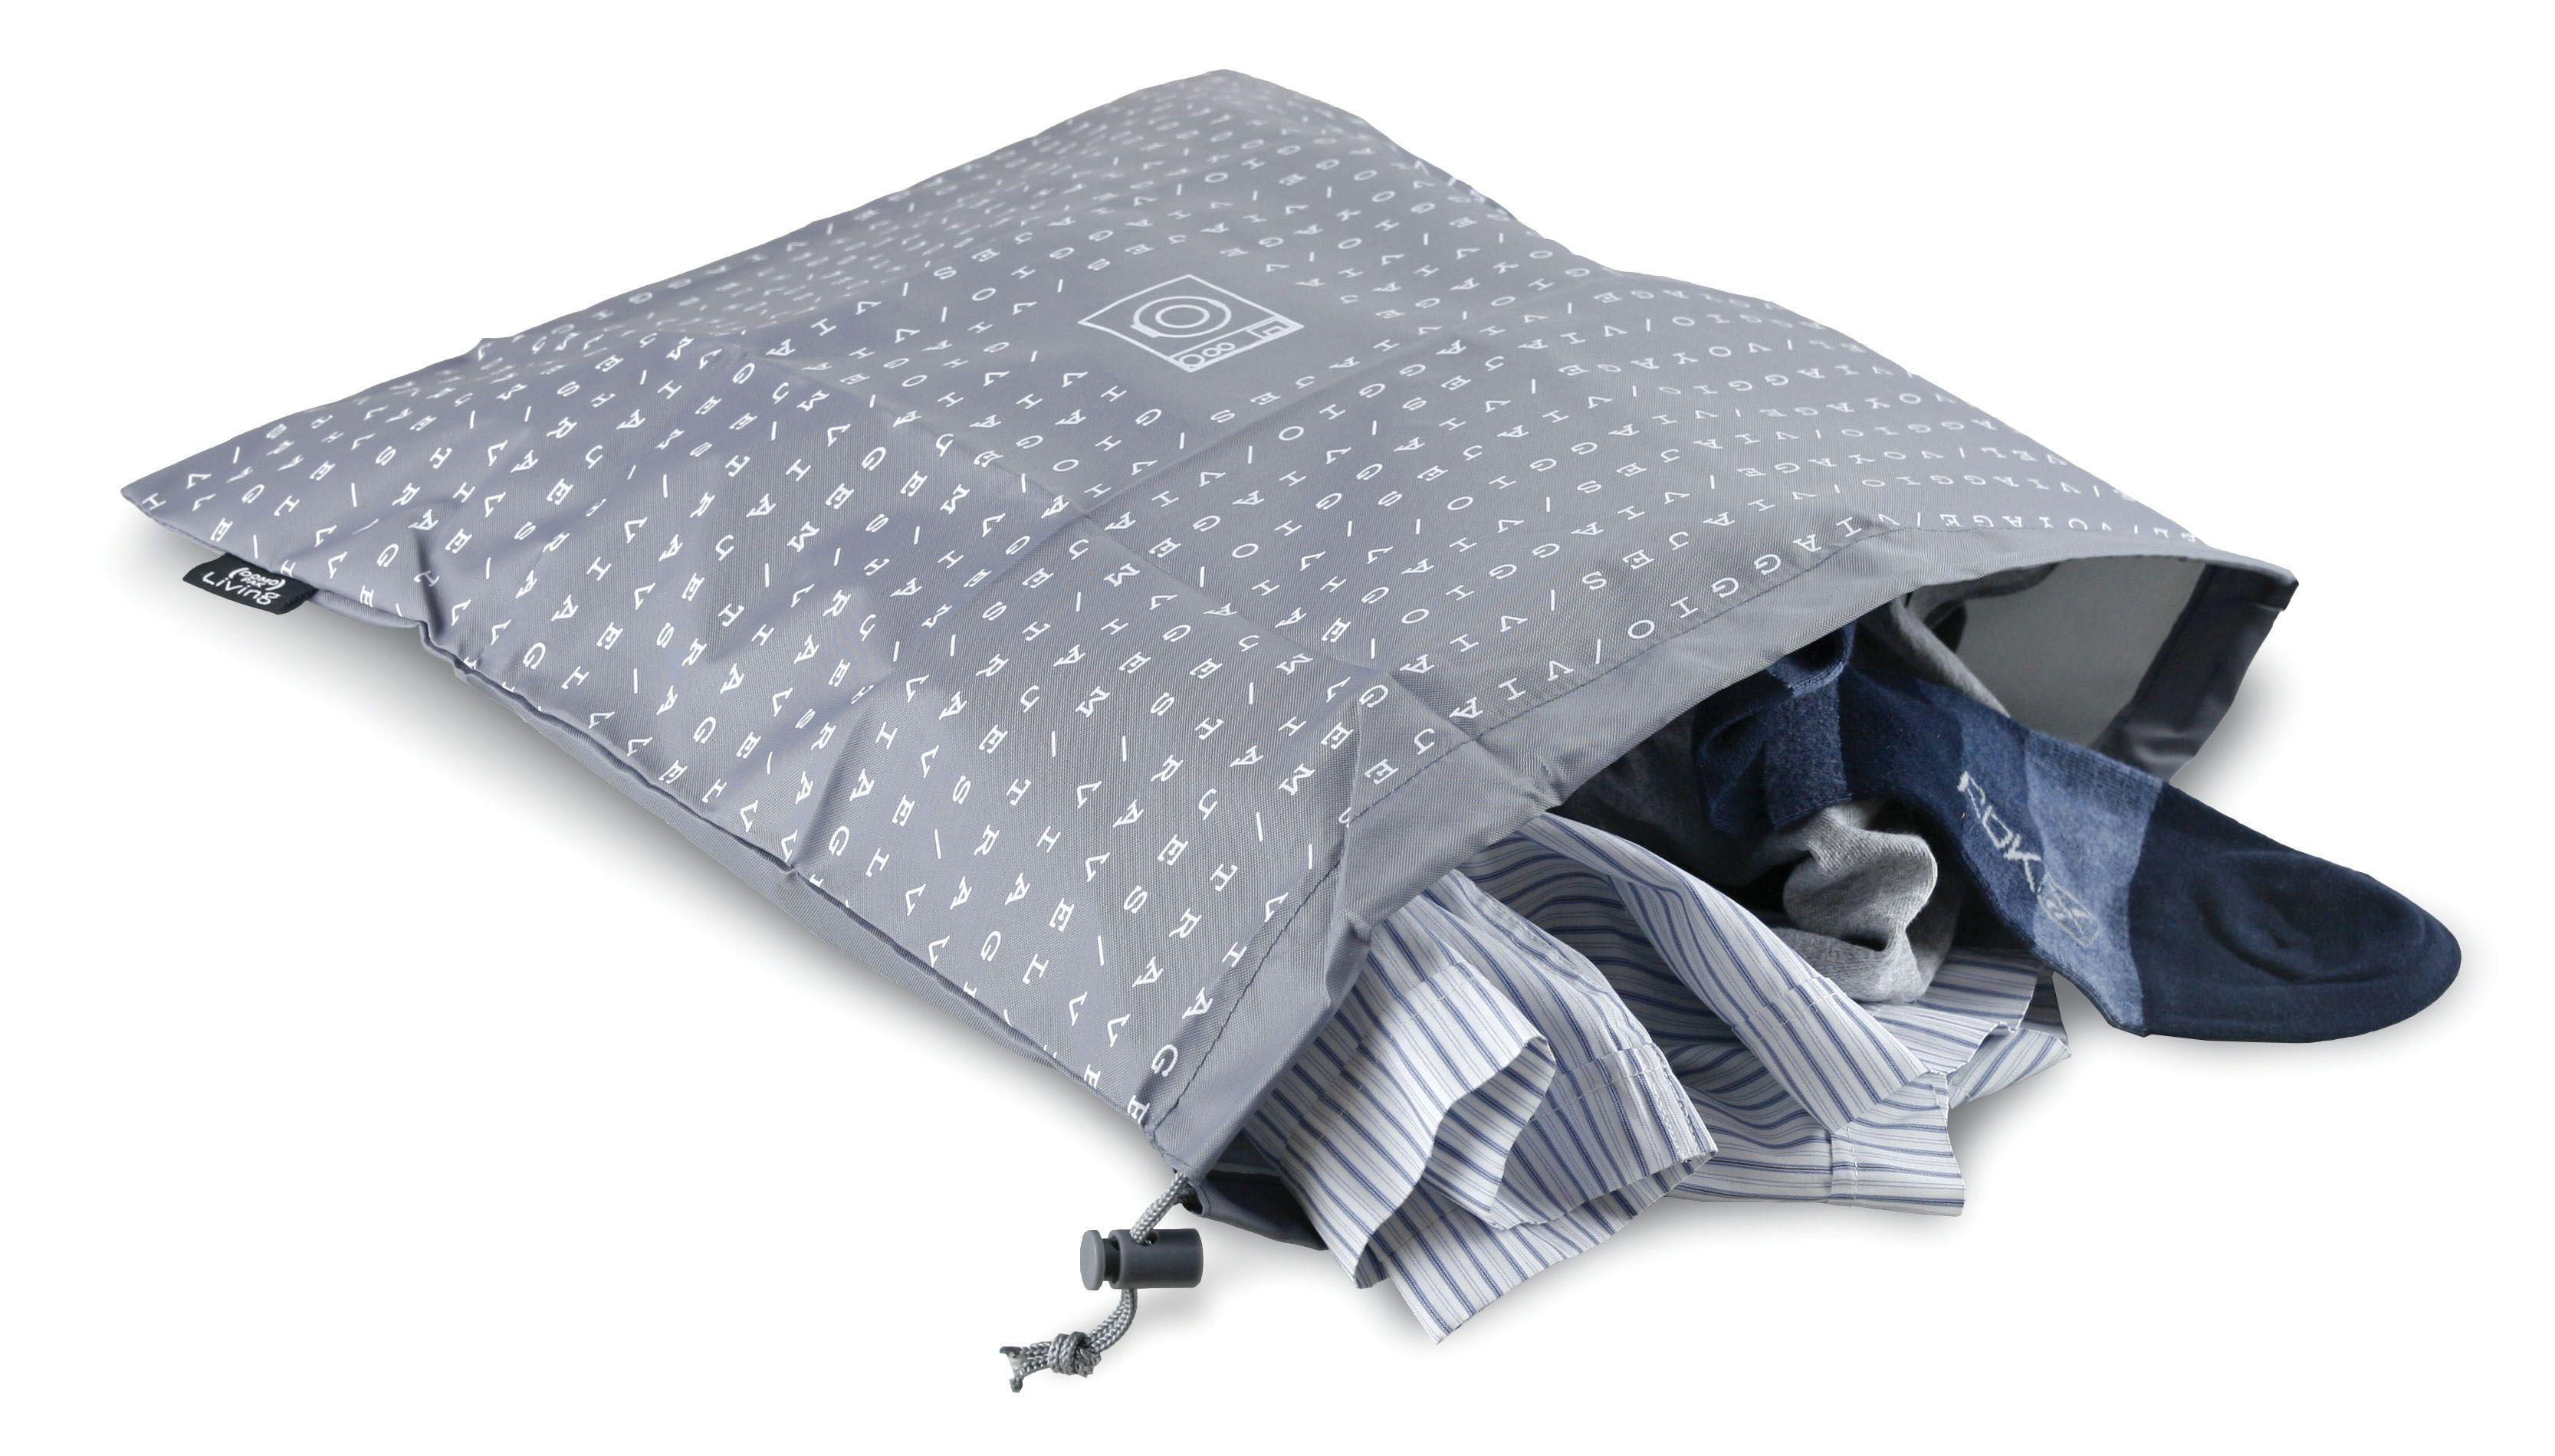 Husa textila pentru lenjerie, Sach Gri, L45xl40 cm